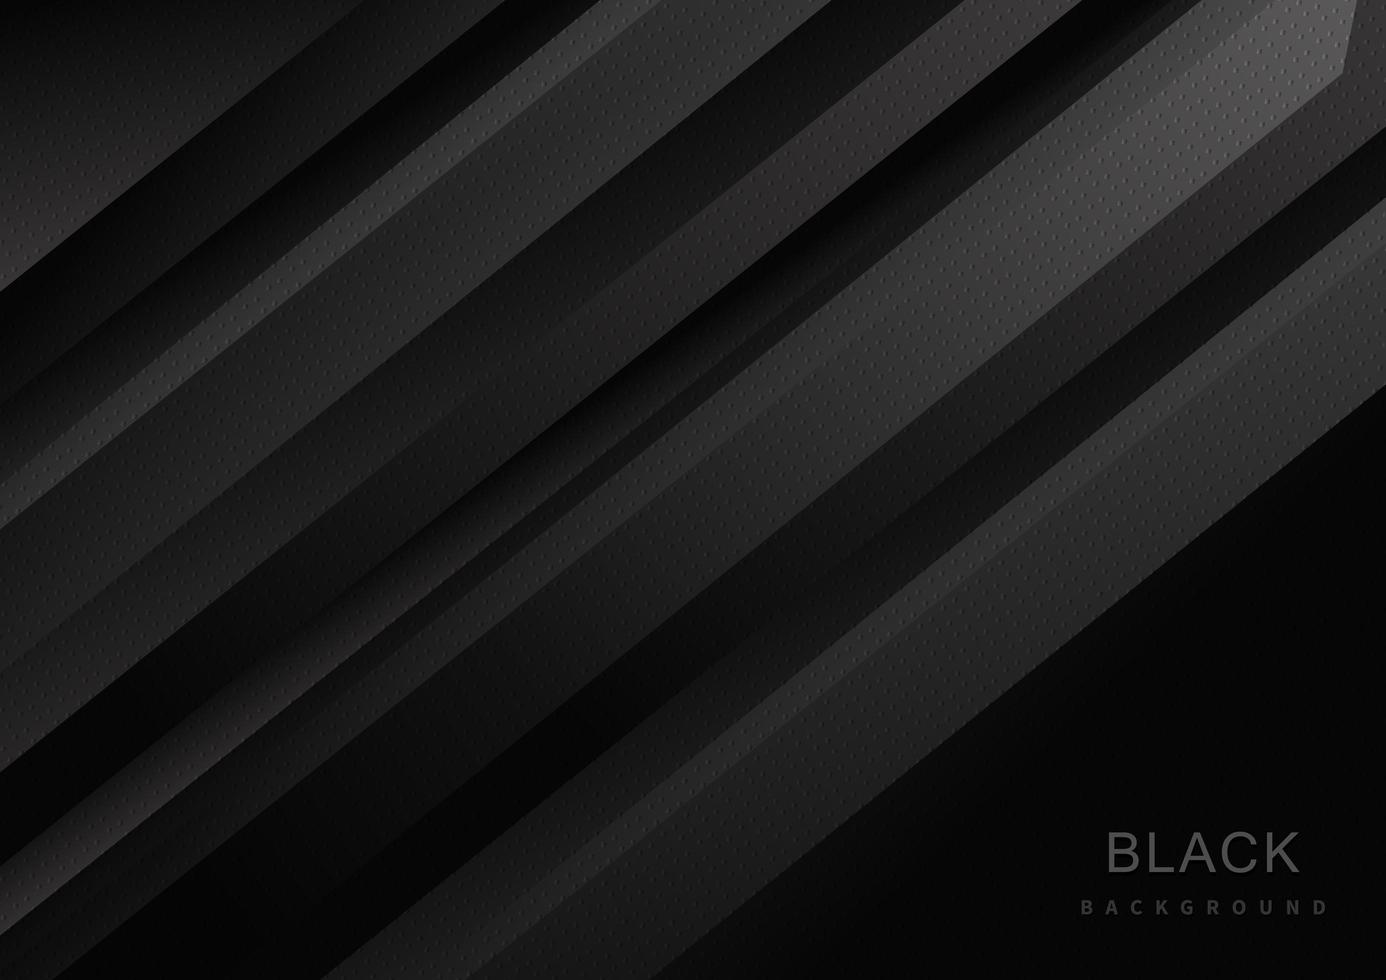 fundo preto moderno abstrato com listras diagonais vetor